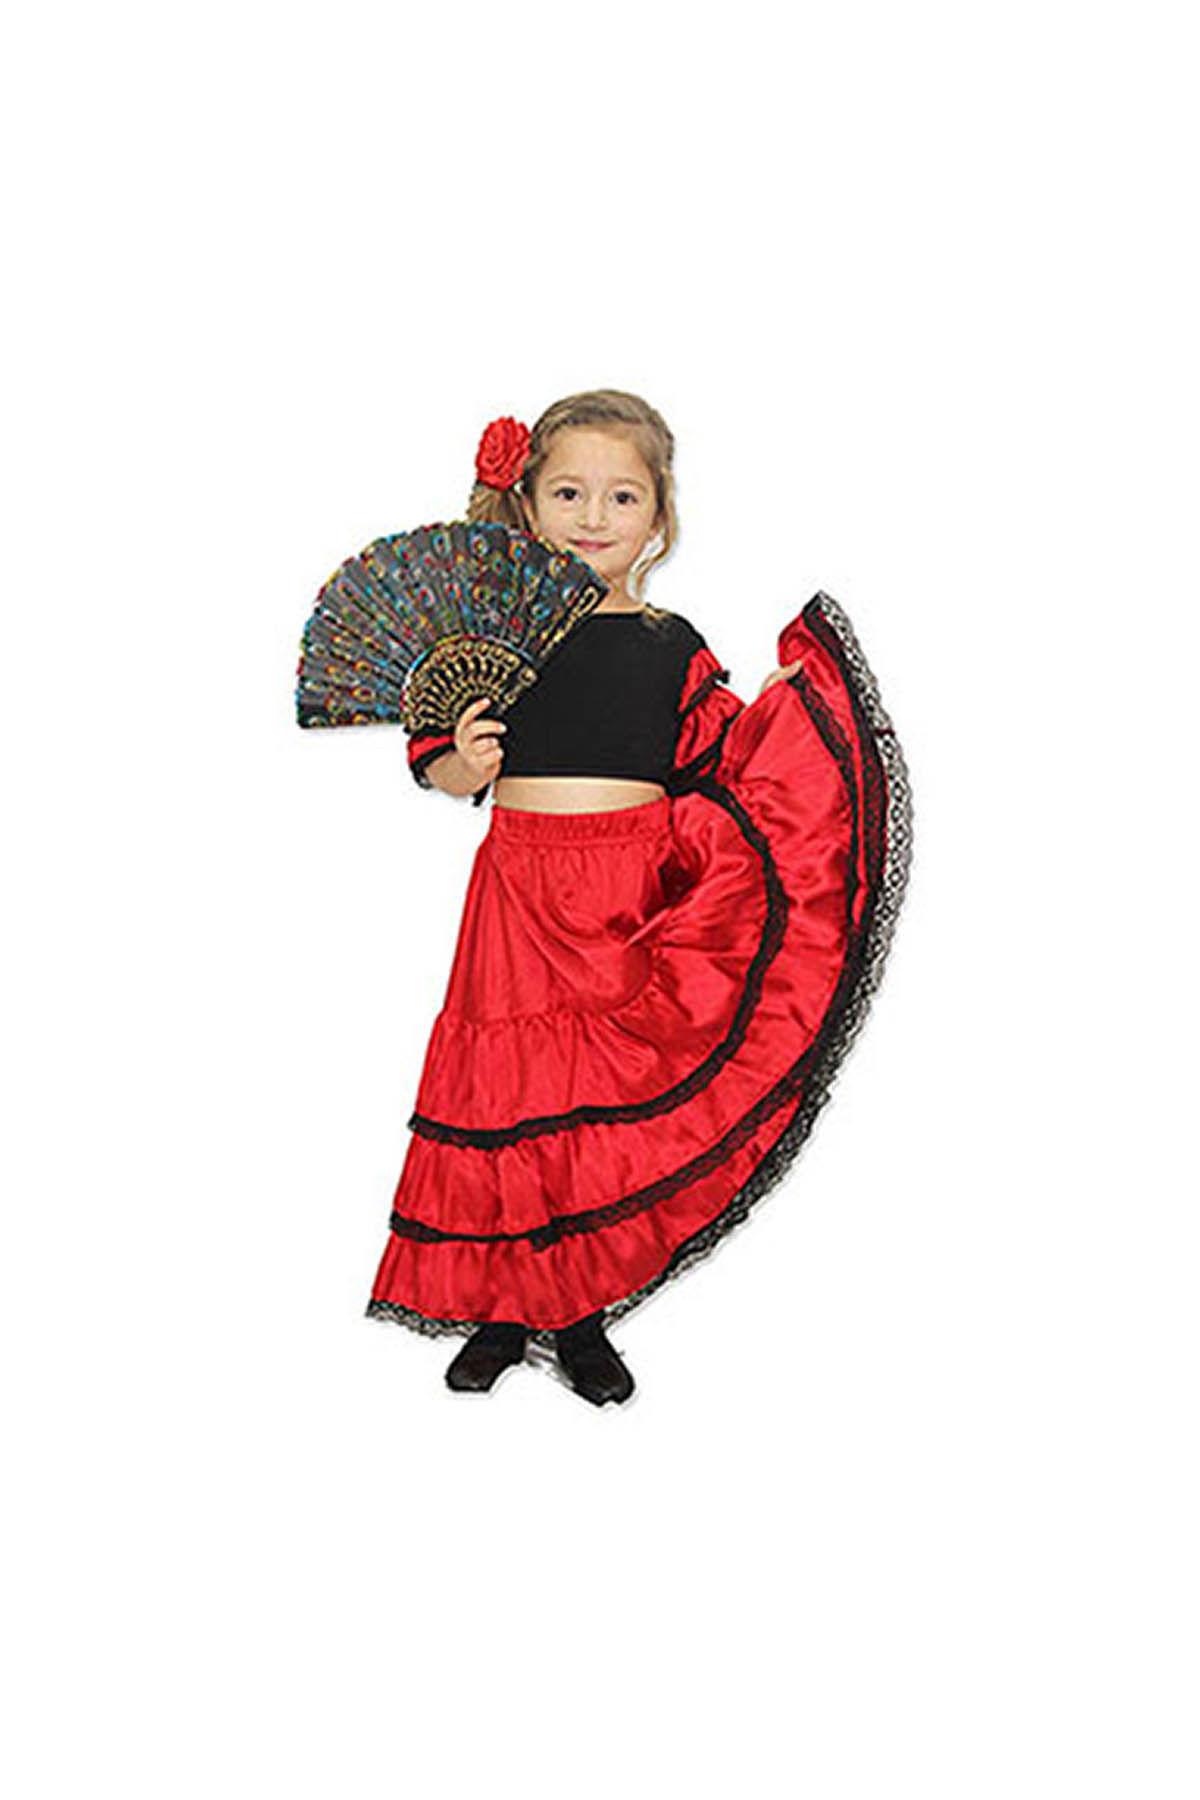 İspanyol Kız Çocuk Kostümü 9-10 Yaş